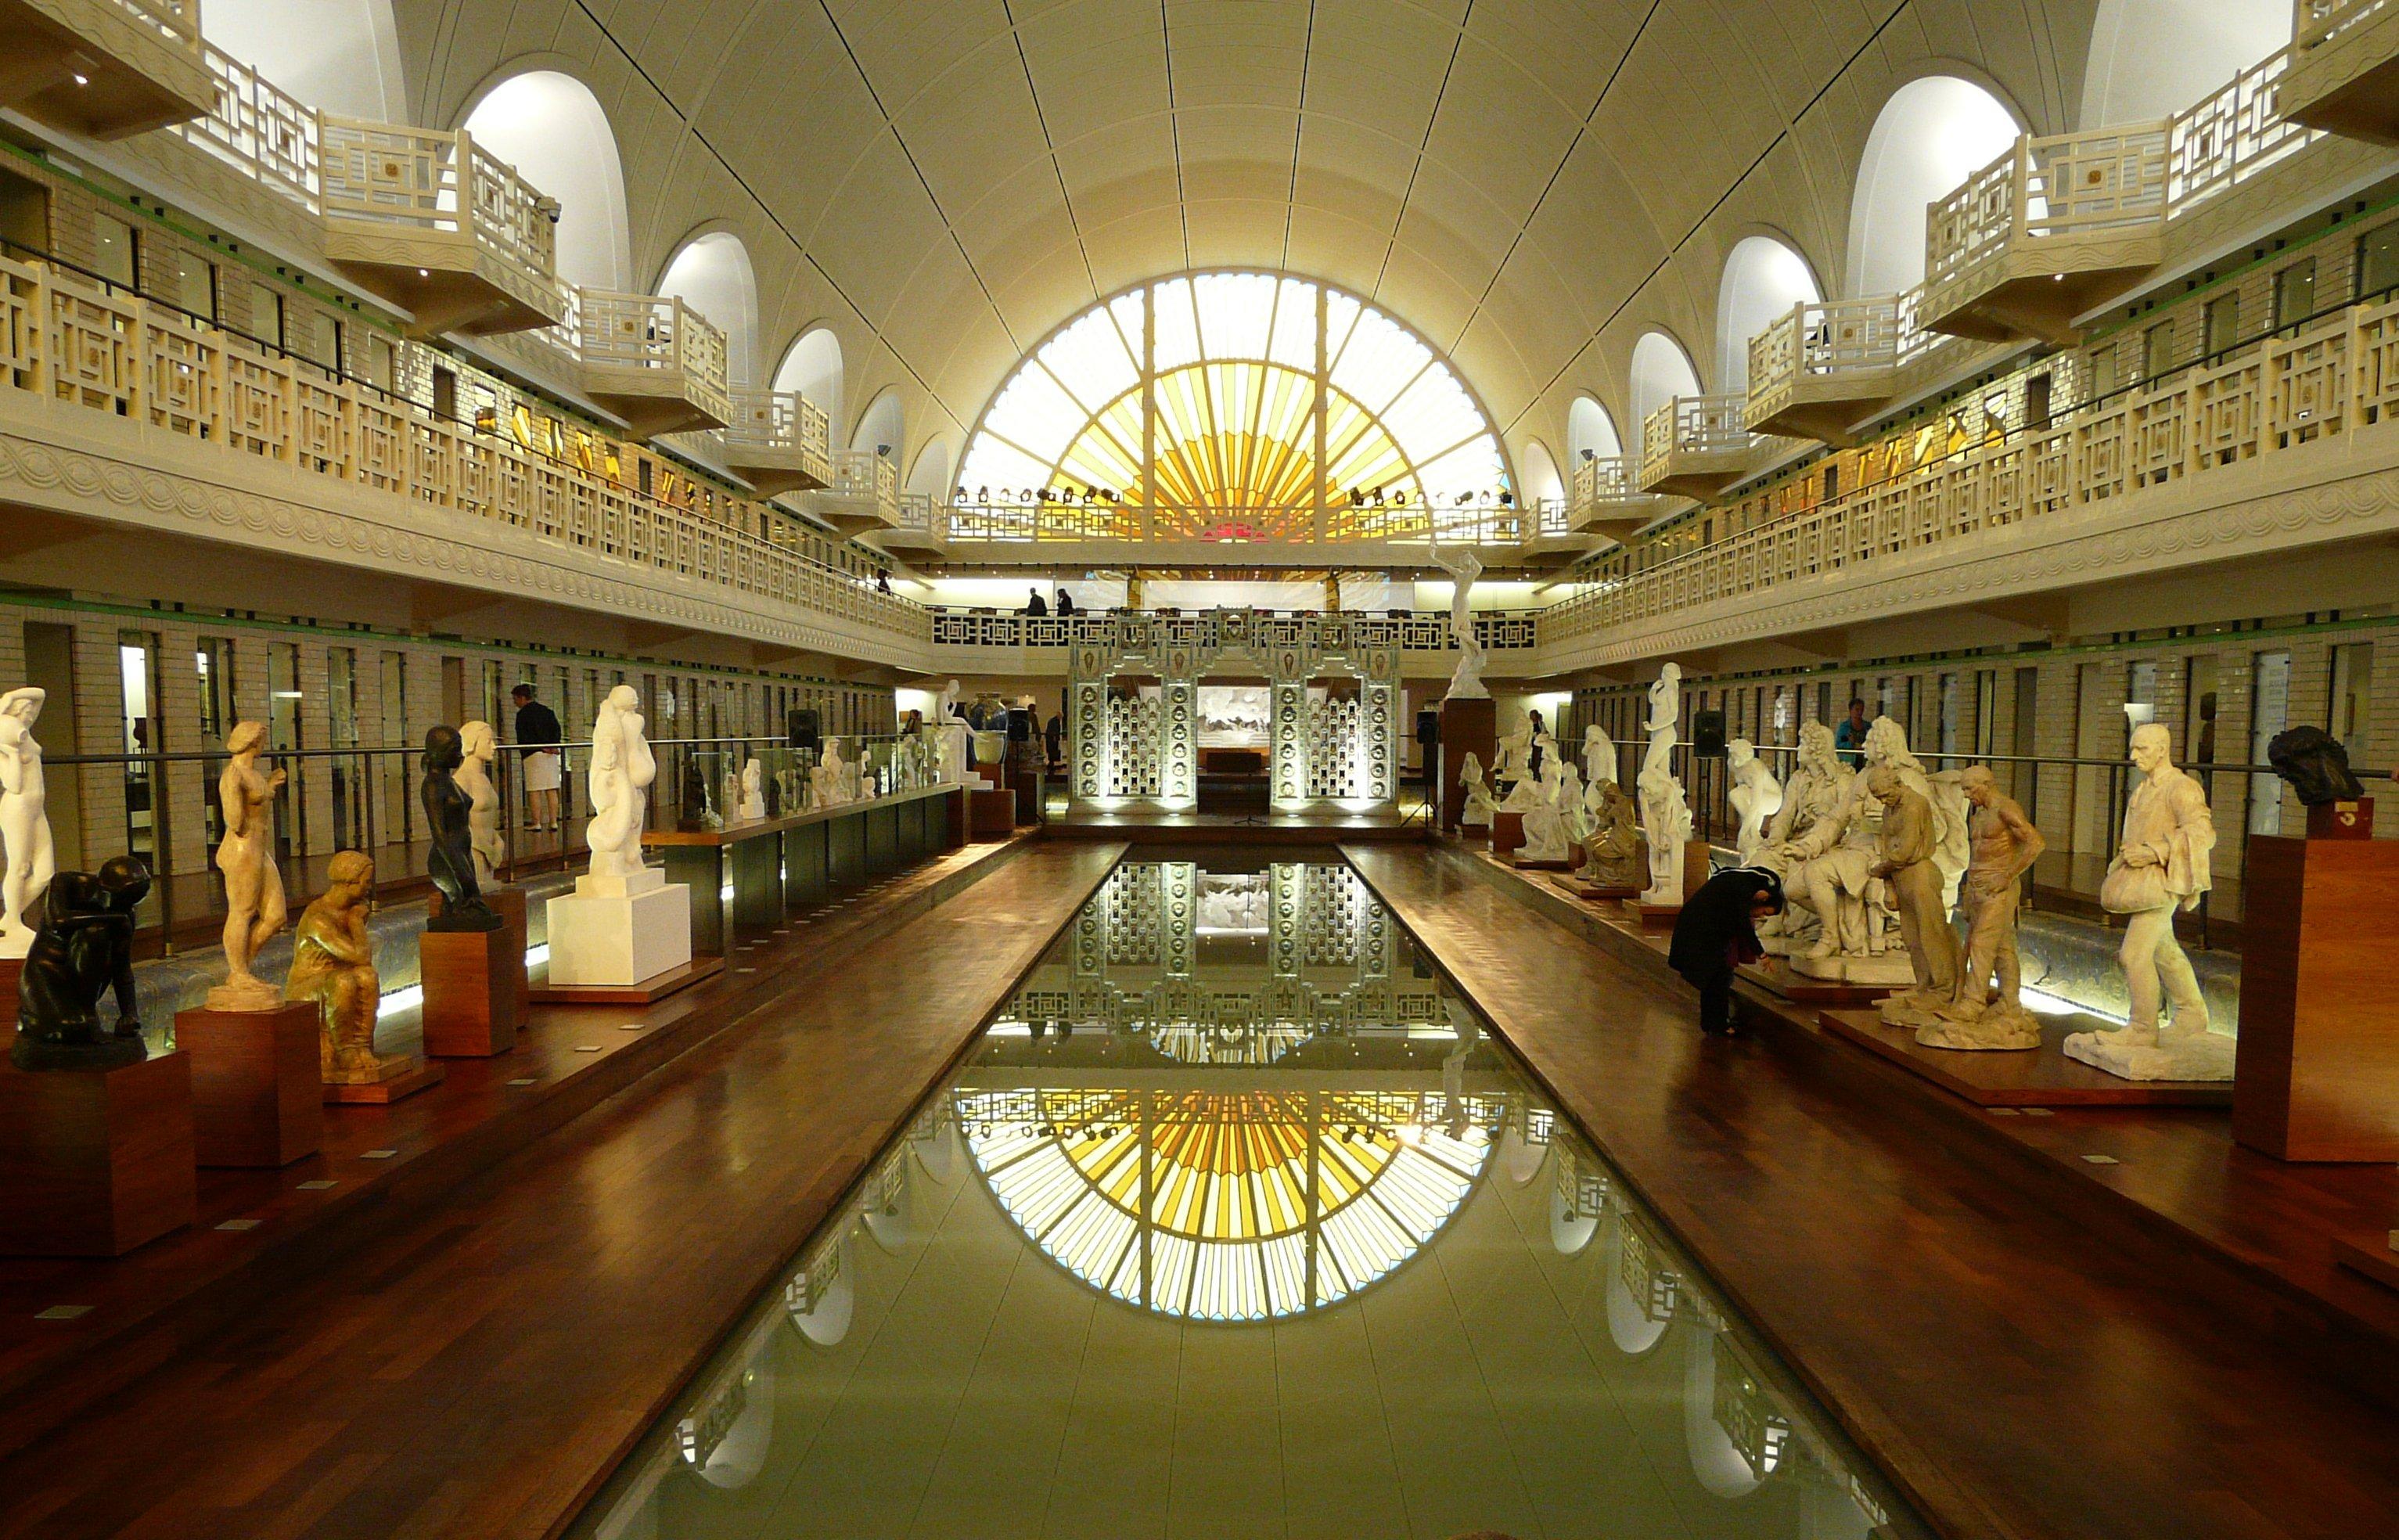 Le musée de la Piscine, Roubaix Image via Wikipedia